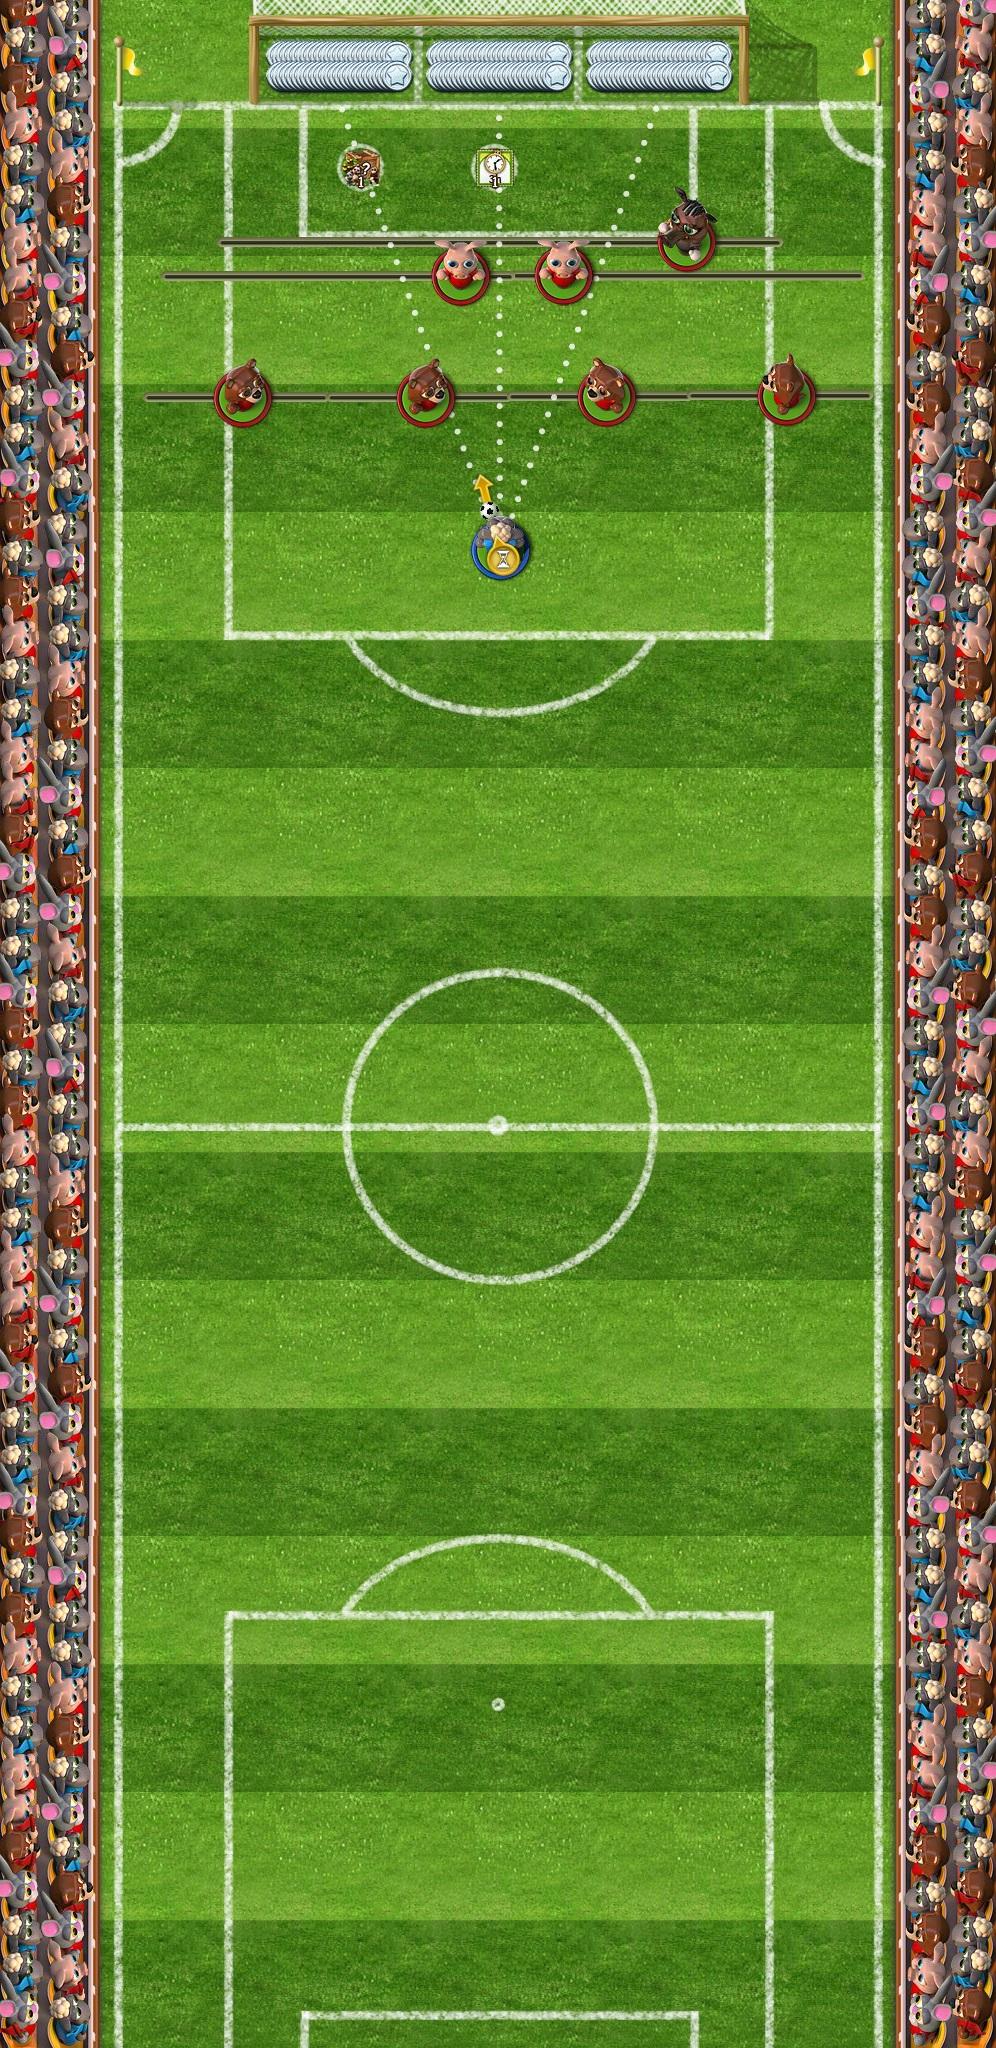 SoccerGame9.jpg